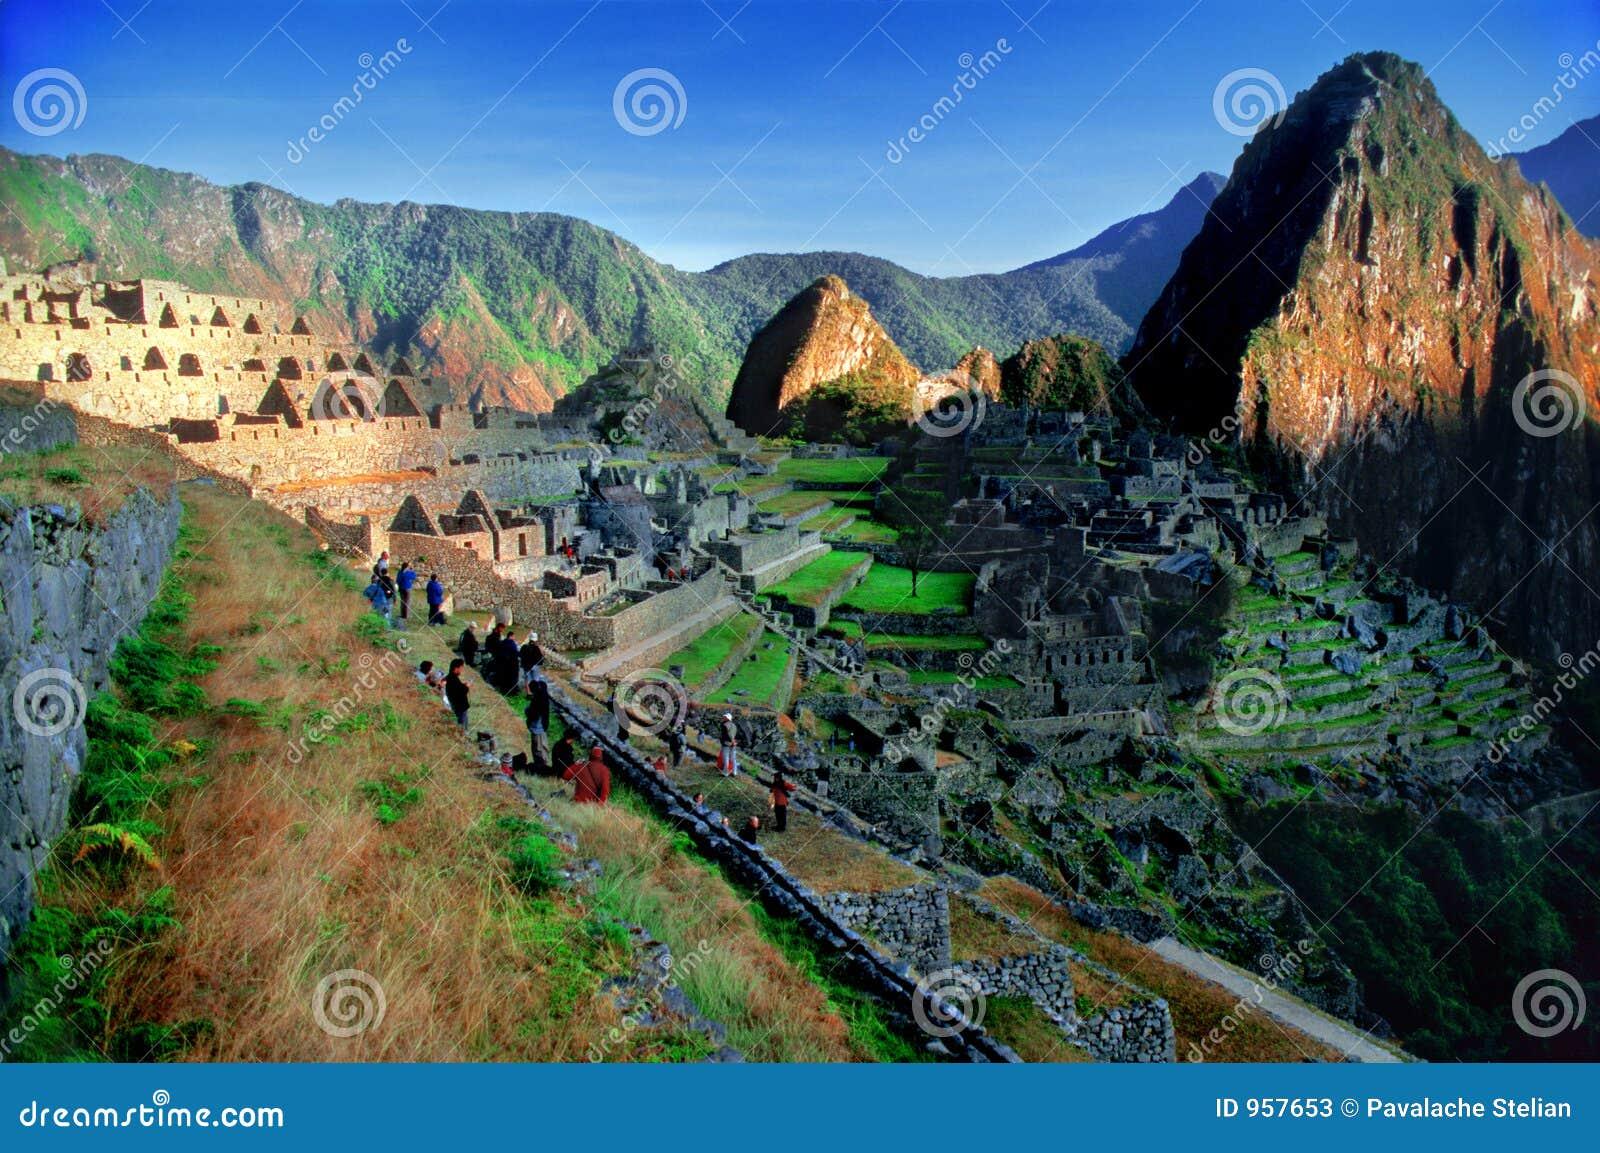 Machu Picchu from Peru (overview)